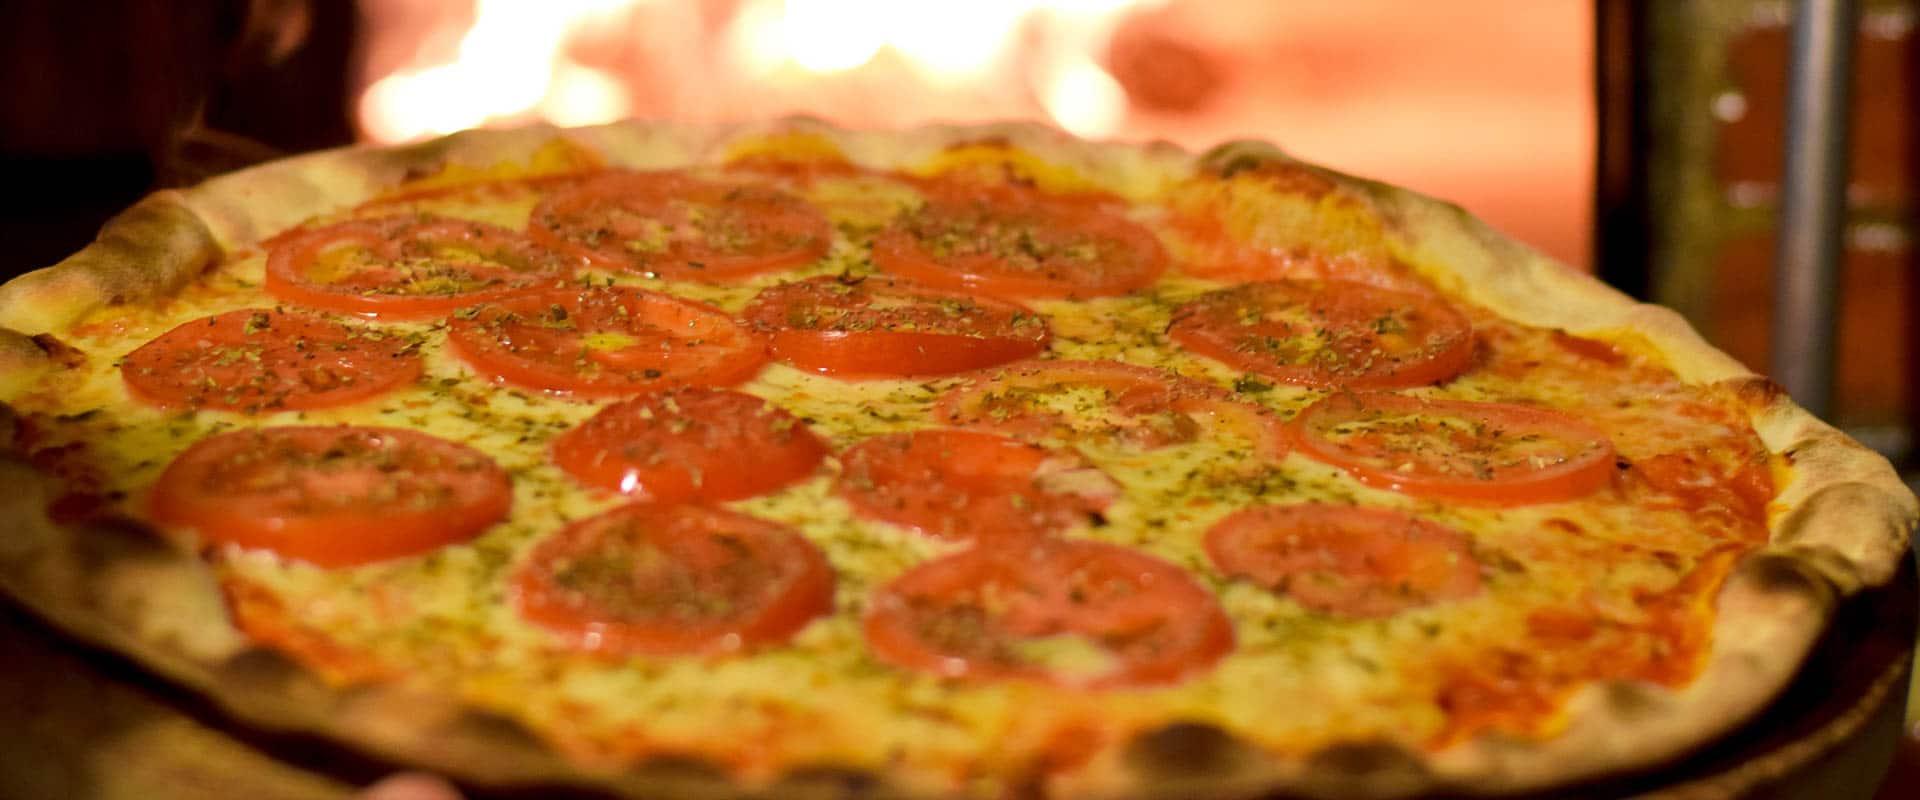 Pizza Na Barraca de Praia Recanto do Sossego